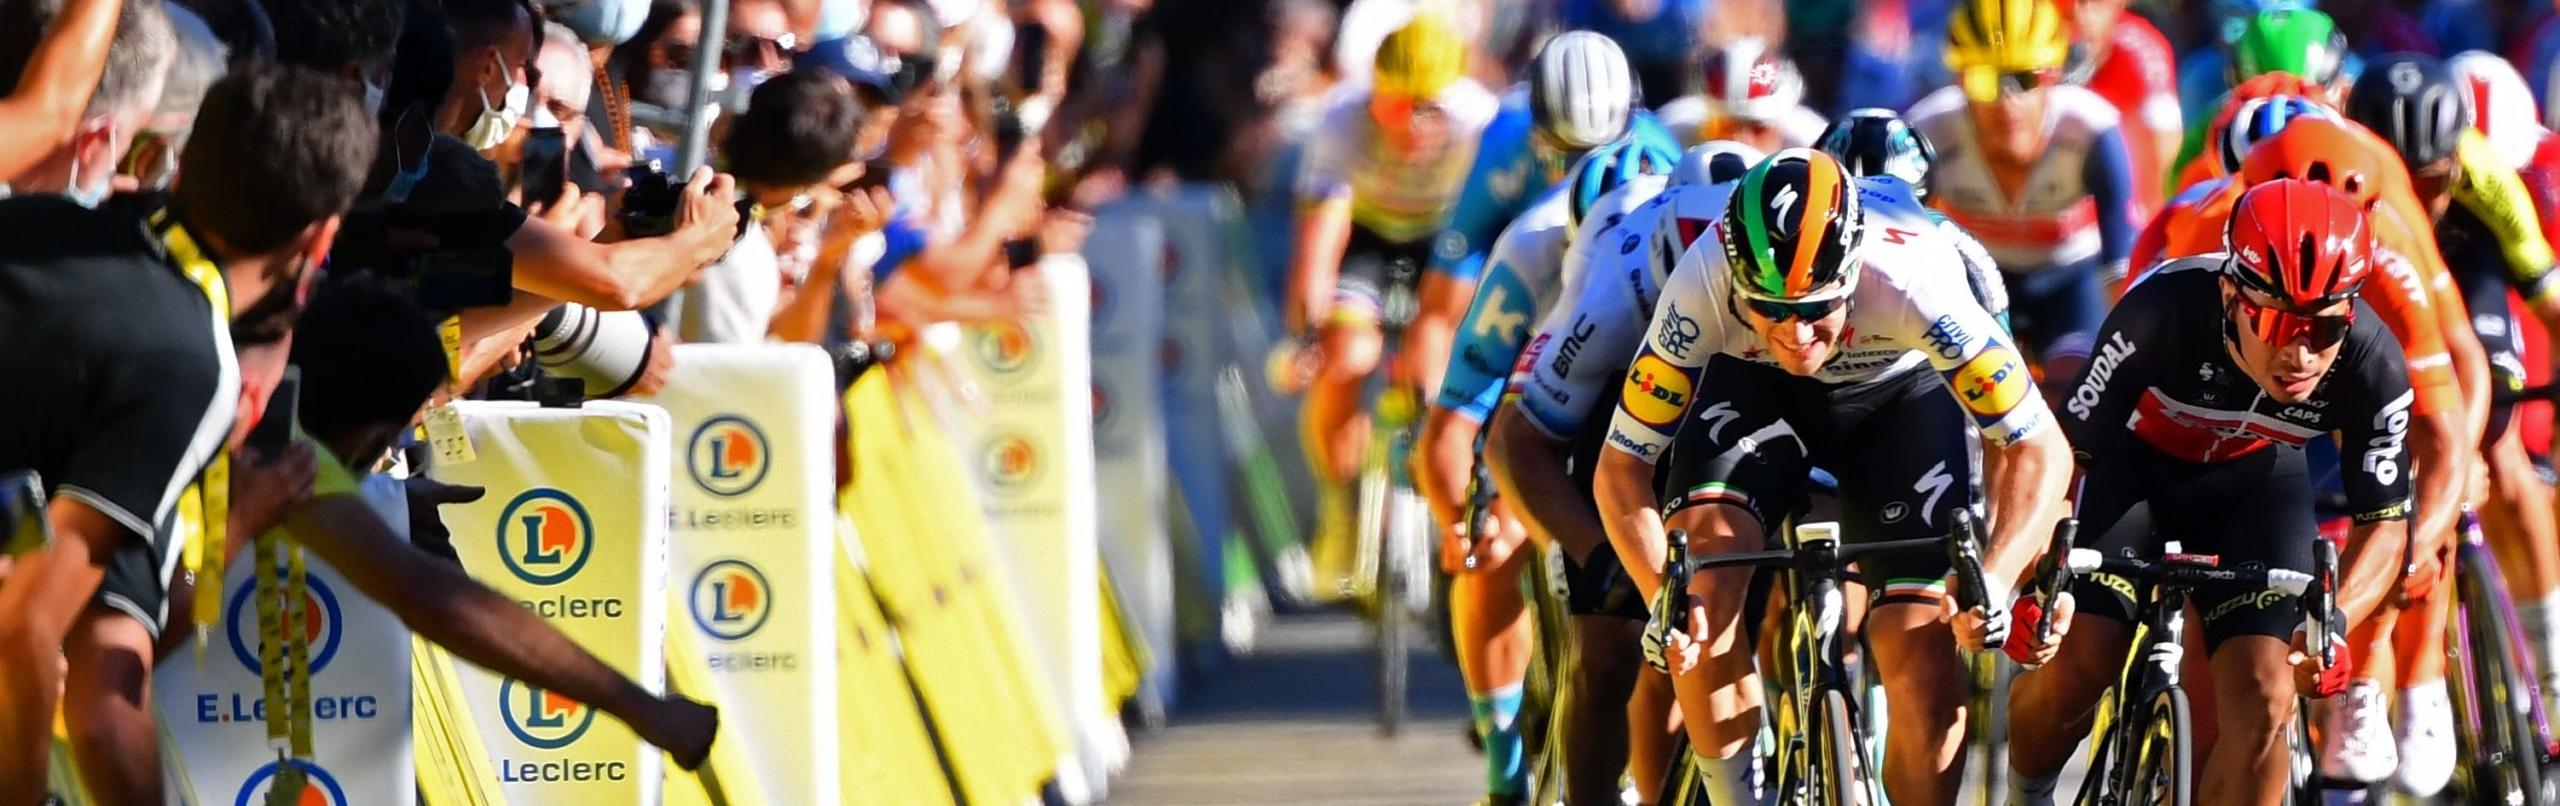 Tour de France 2020, quote e favoriti 7ª tappa: volatona prima dei Pirenei, è la volta buona per Bennett?